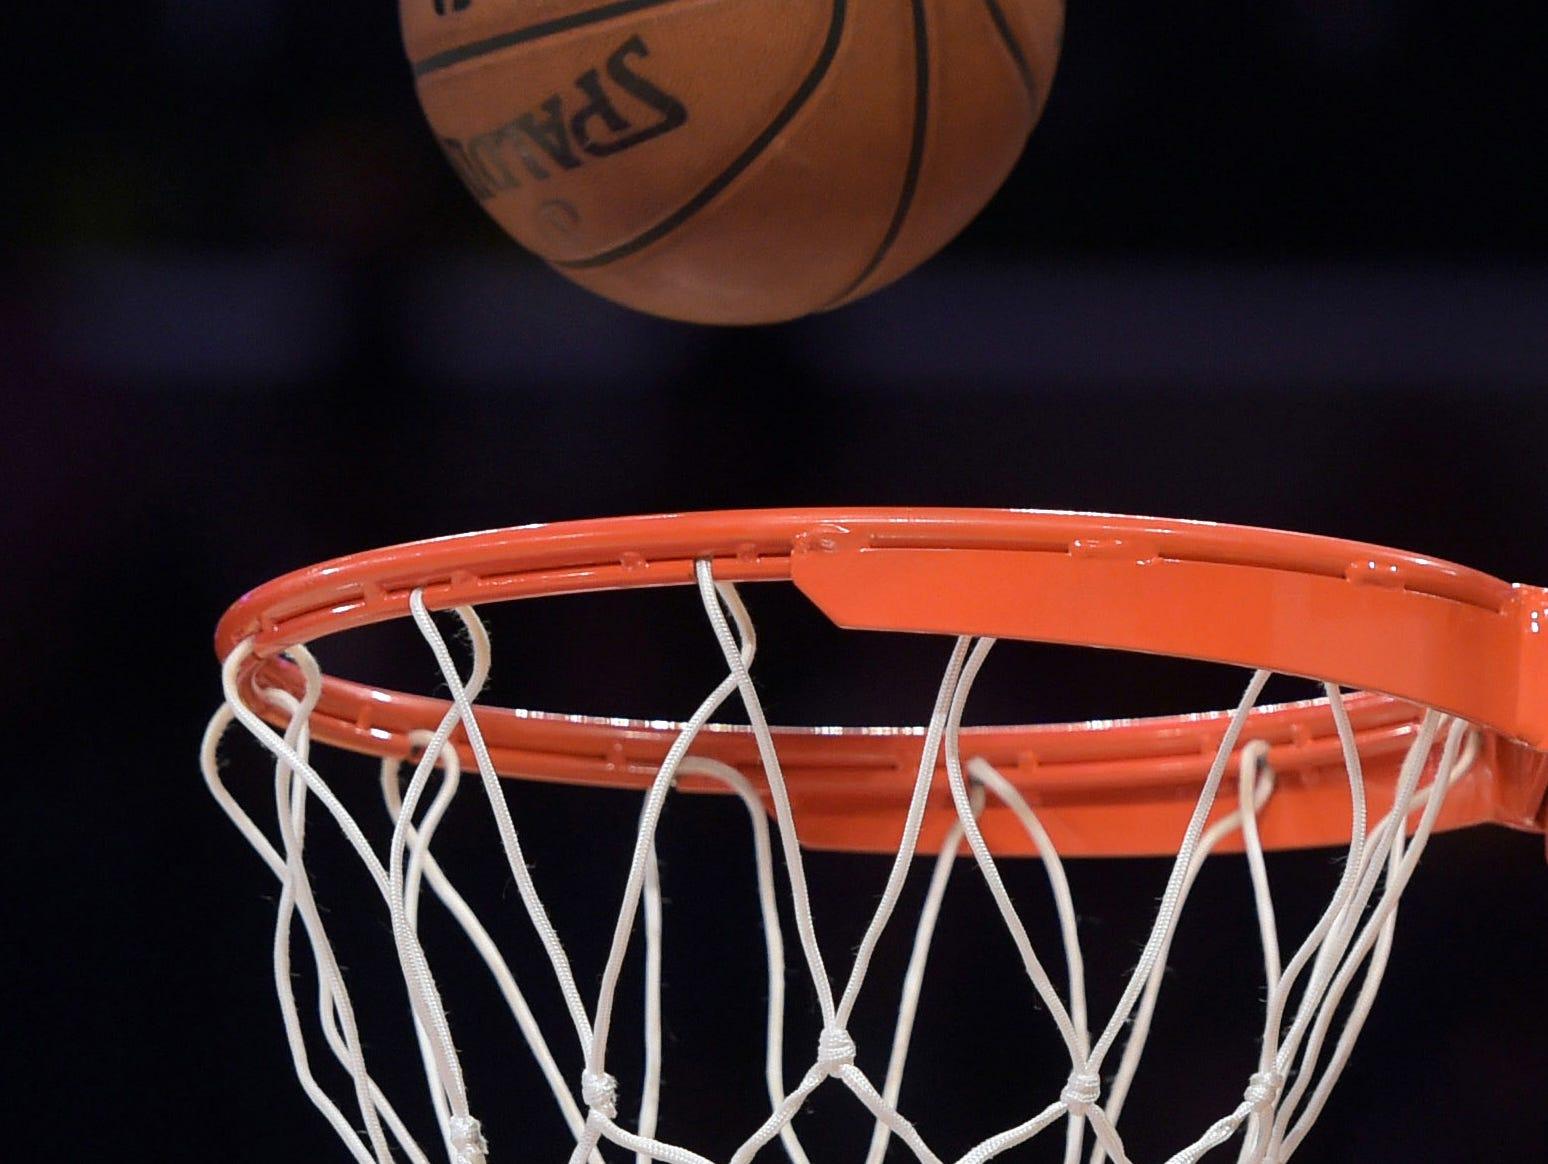 Basketball and rim